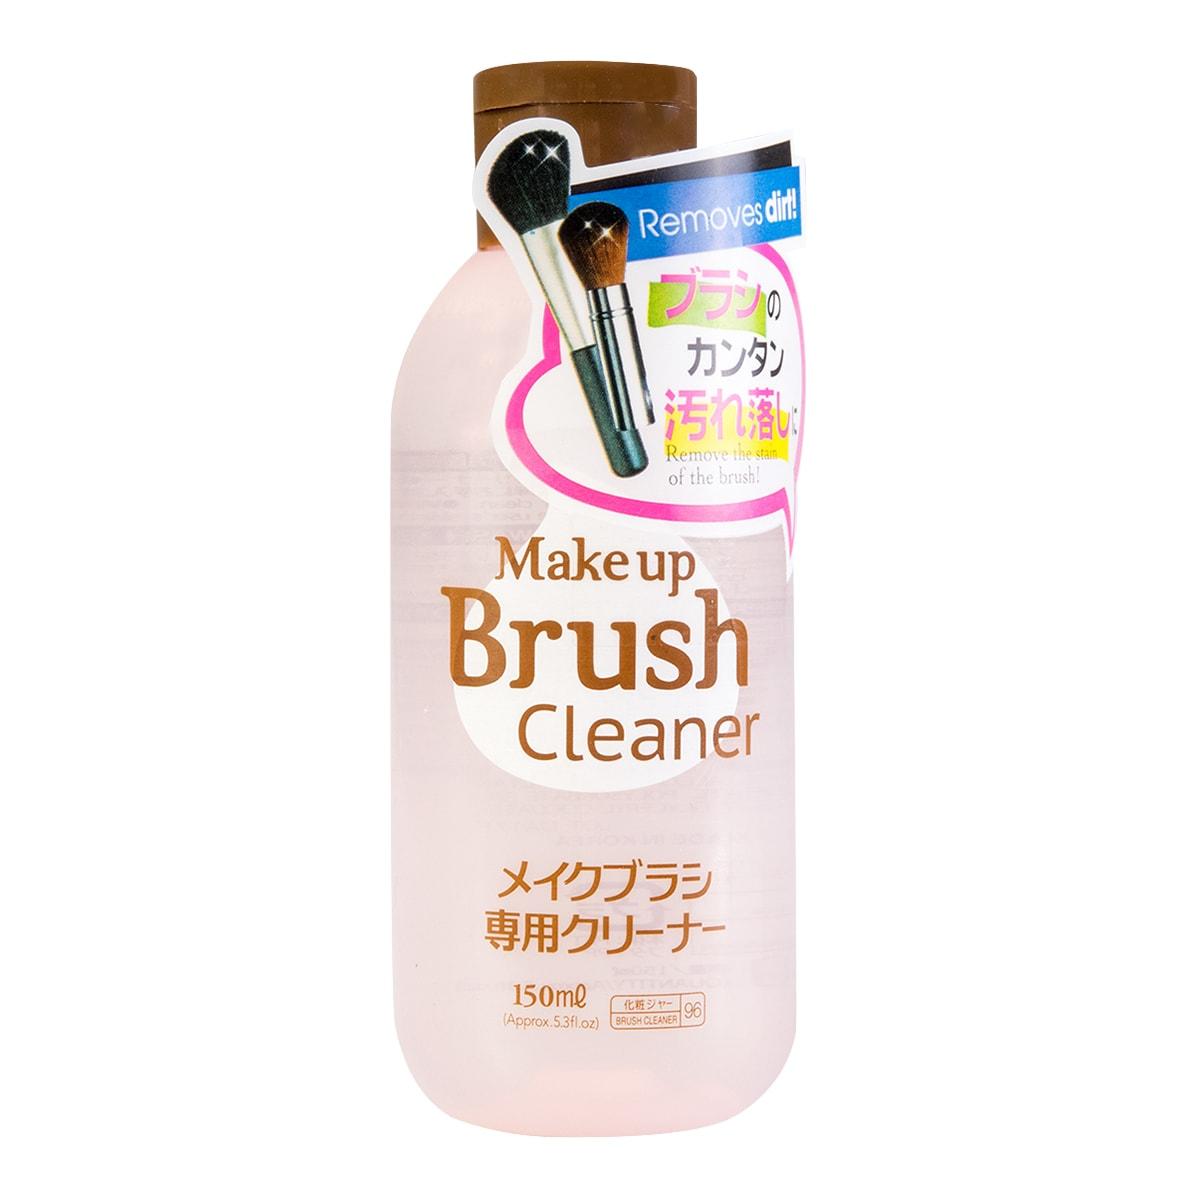 日本DAISO大创 化妆刷专用清洗剂 150ml